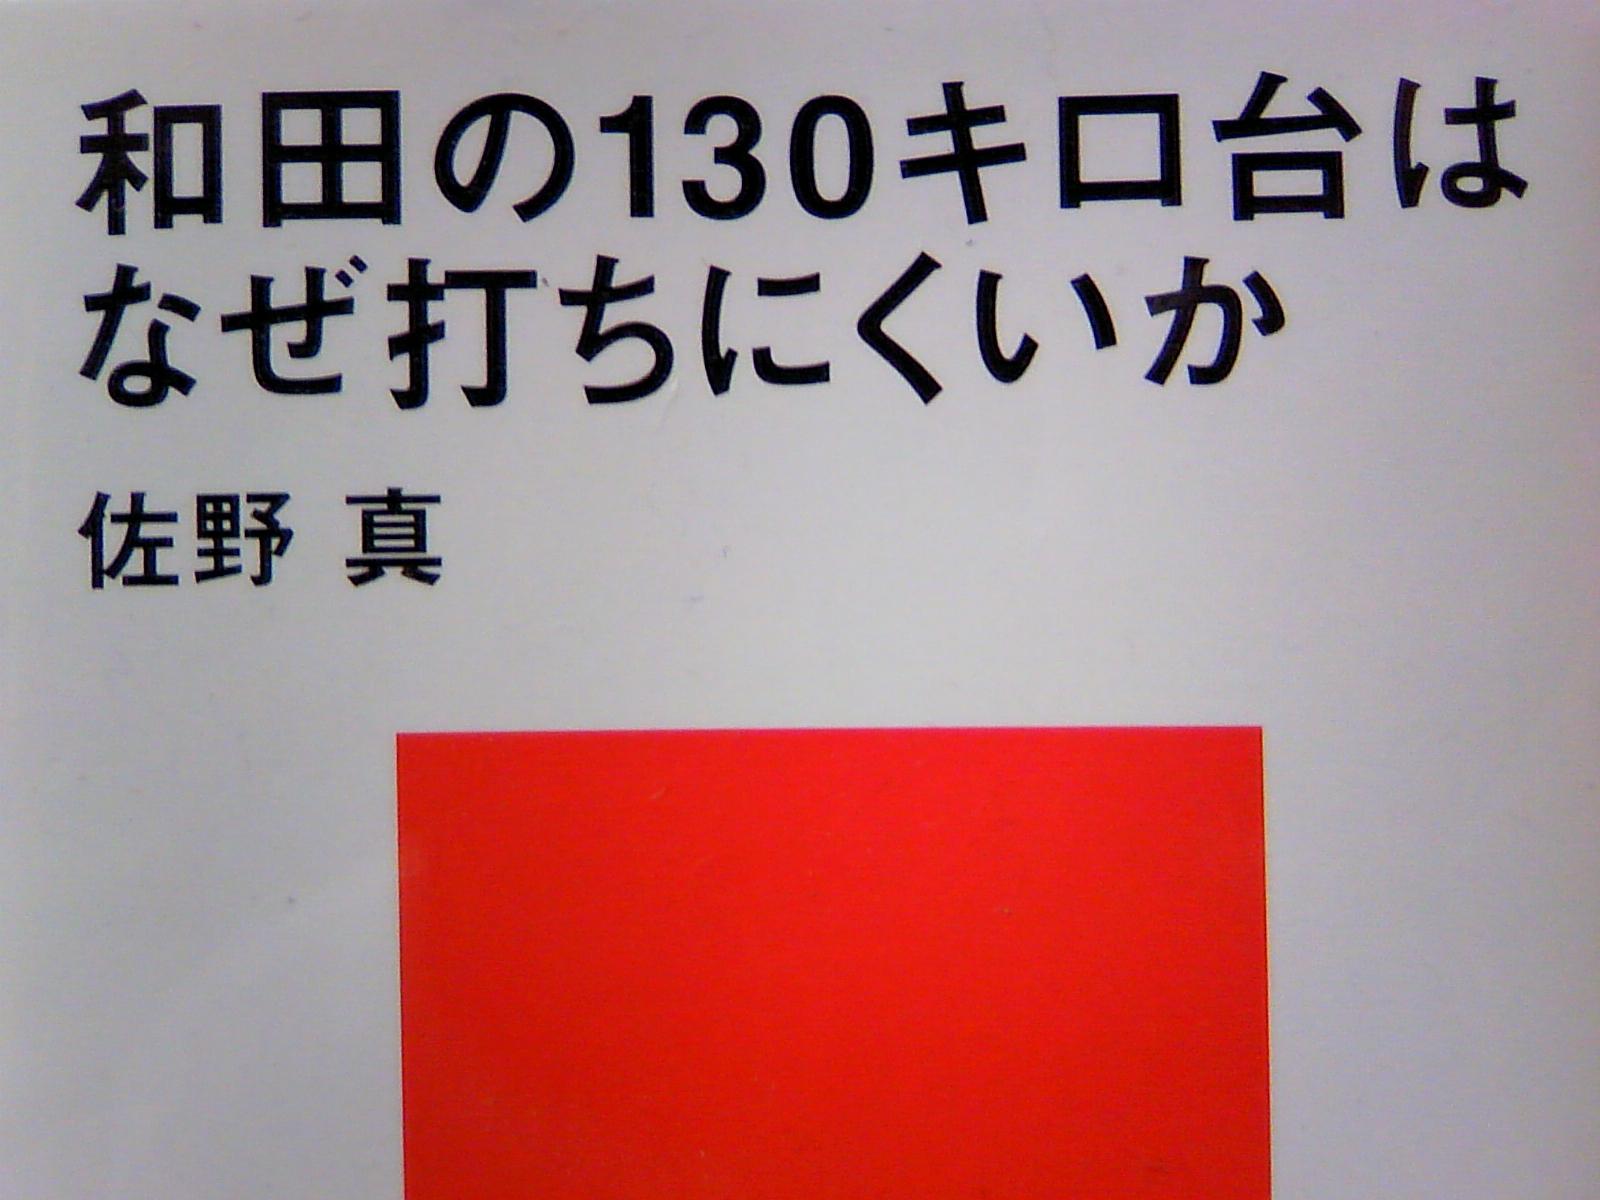 ソフトバンク和田毅に学ぶこと